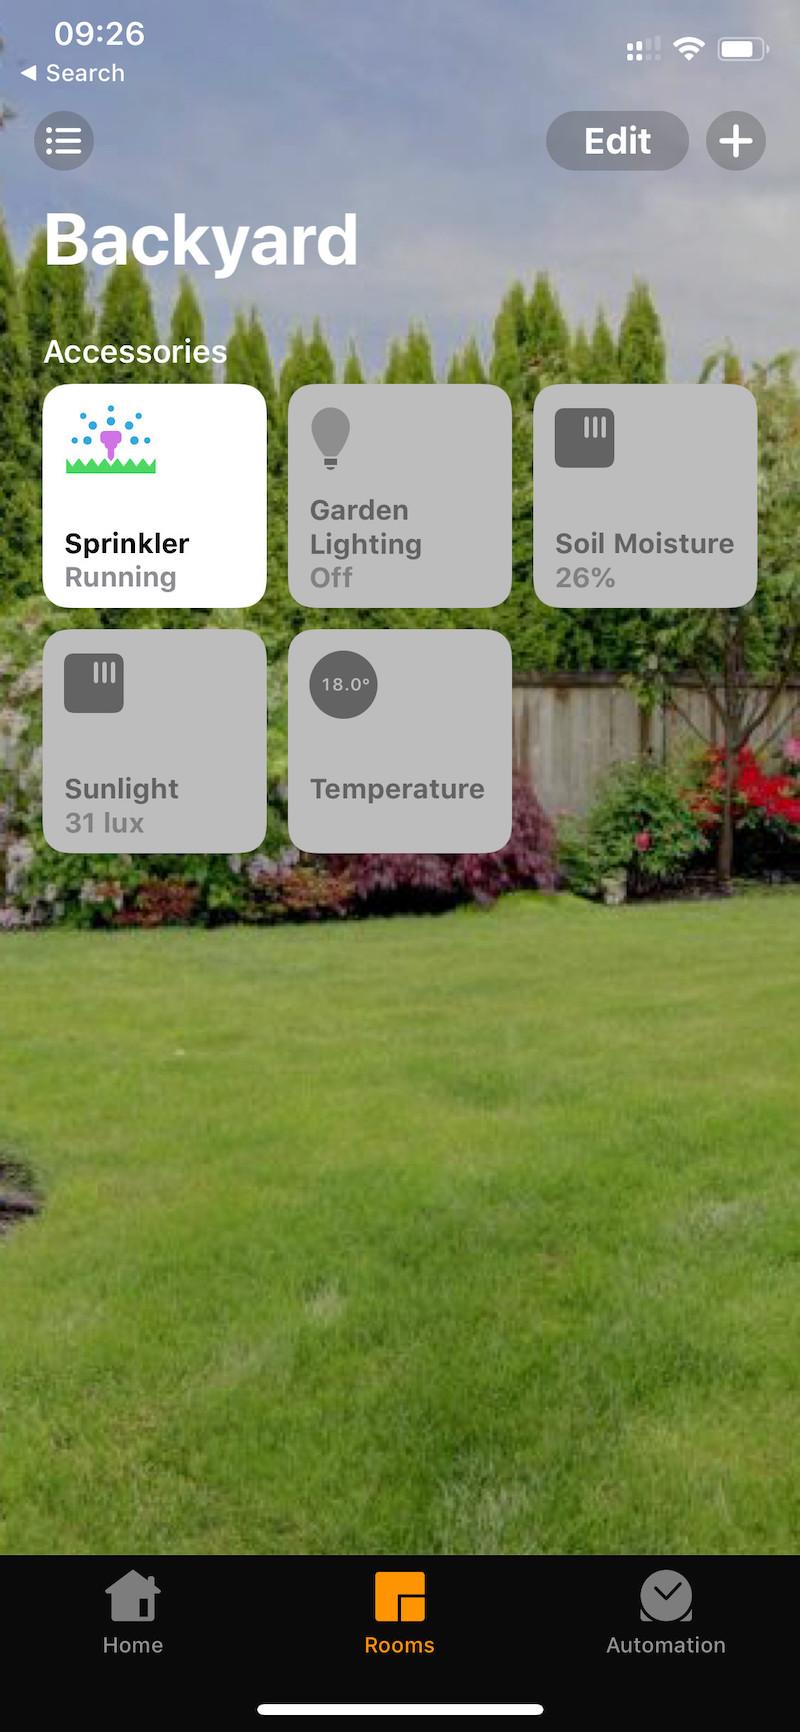 Stel een compleet werkschema voor de tuin in met slim tuingereedschap via de app en via Siri, Google en alexa #gardena #robotmaaier #tuinbesproeien #google #siri #app